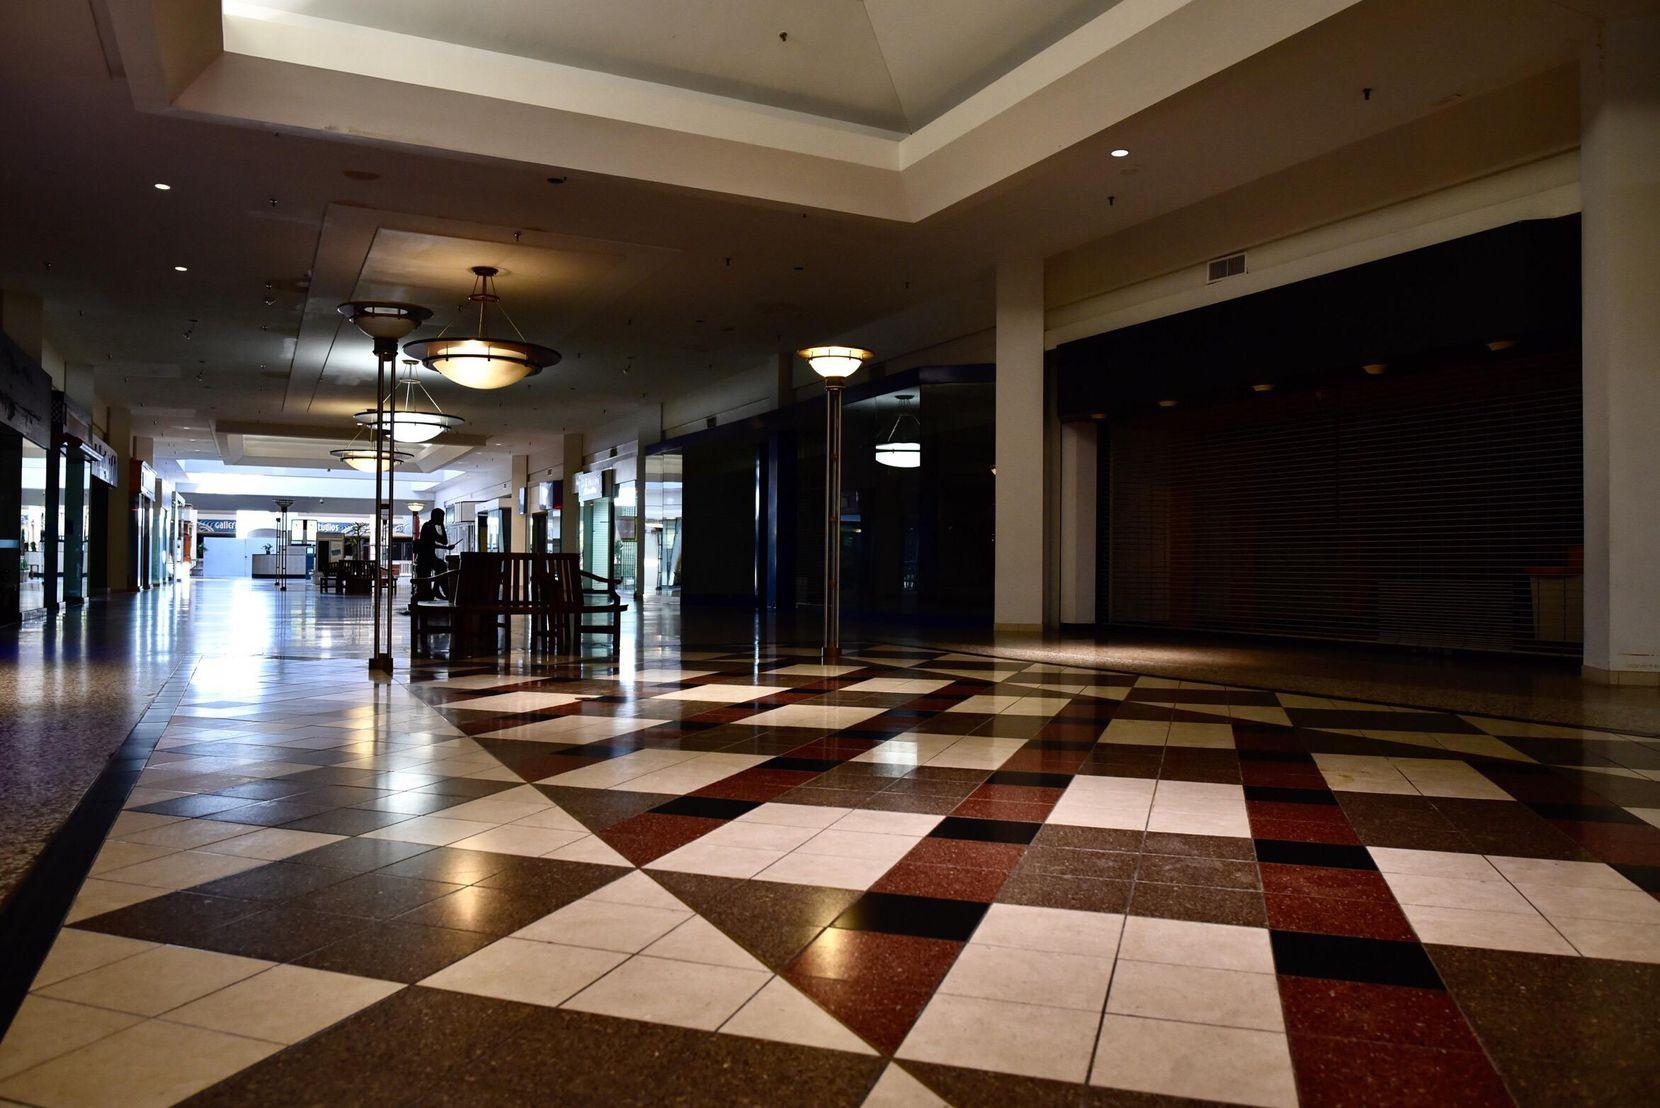 La mayor parte del Valley View Mall permanece vacío, con grandes espacios cerrados al público. BEN TORRES/AL DÍA